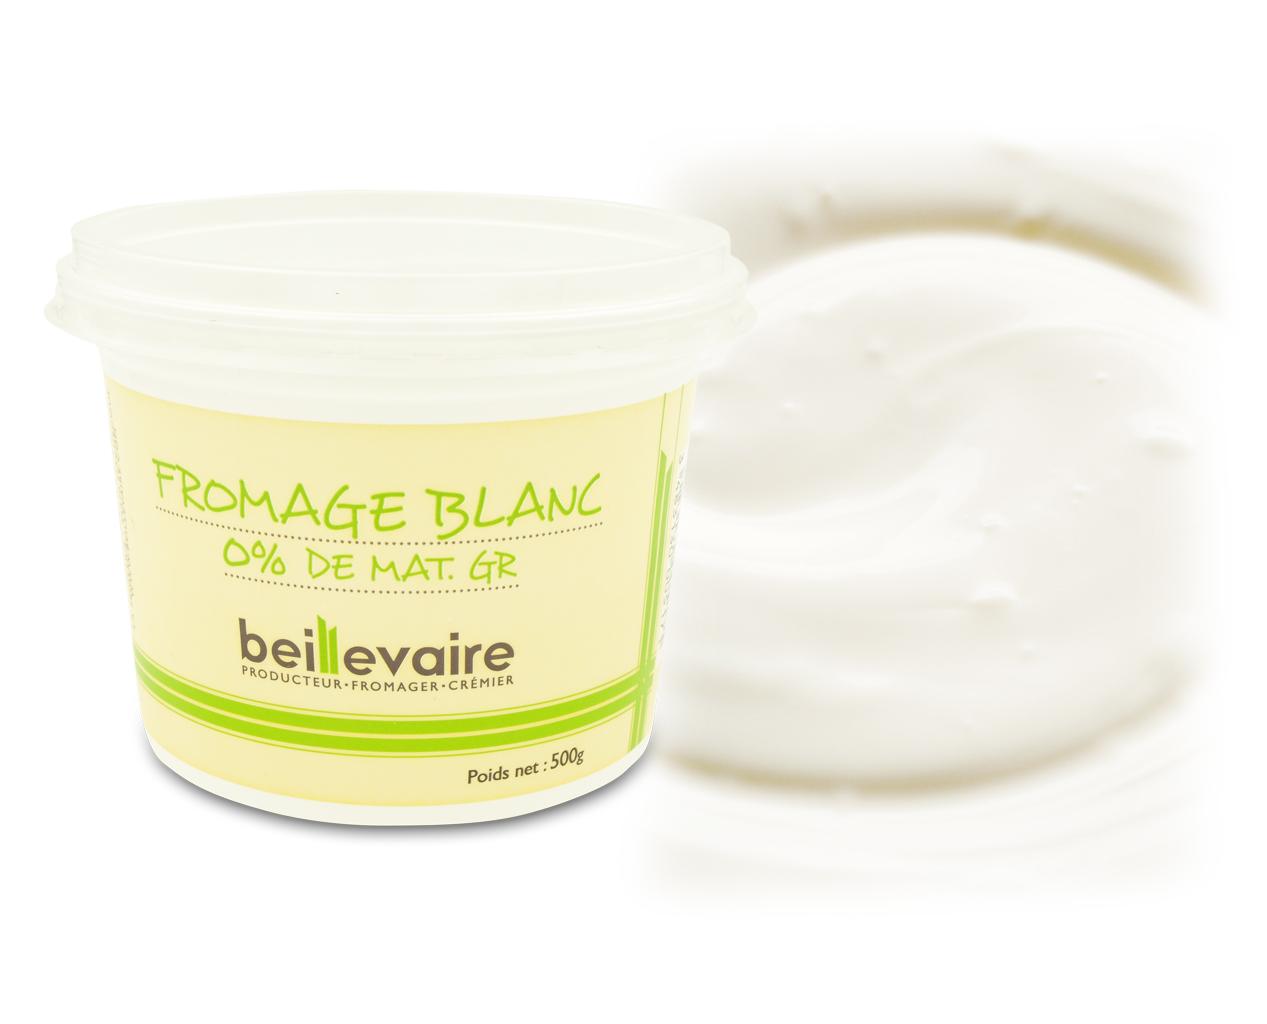 Fromage blanc 0%, Beillevaire (500 g)